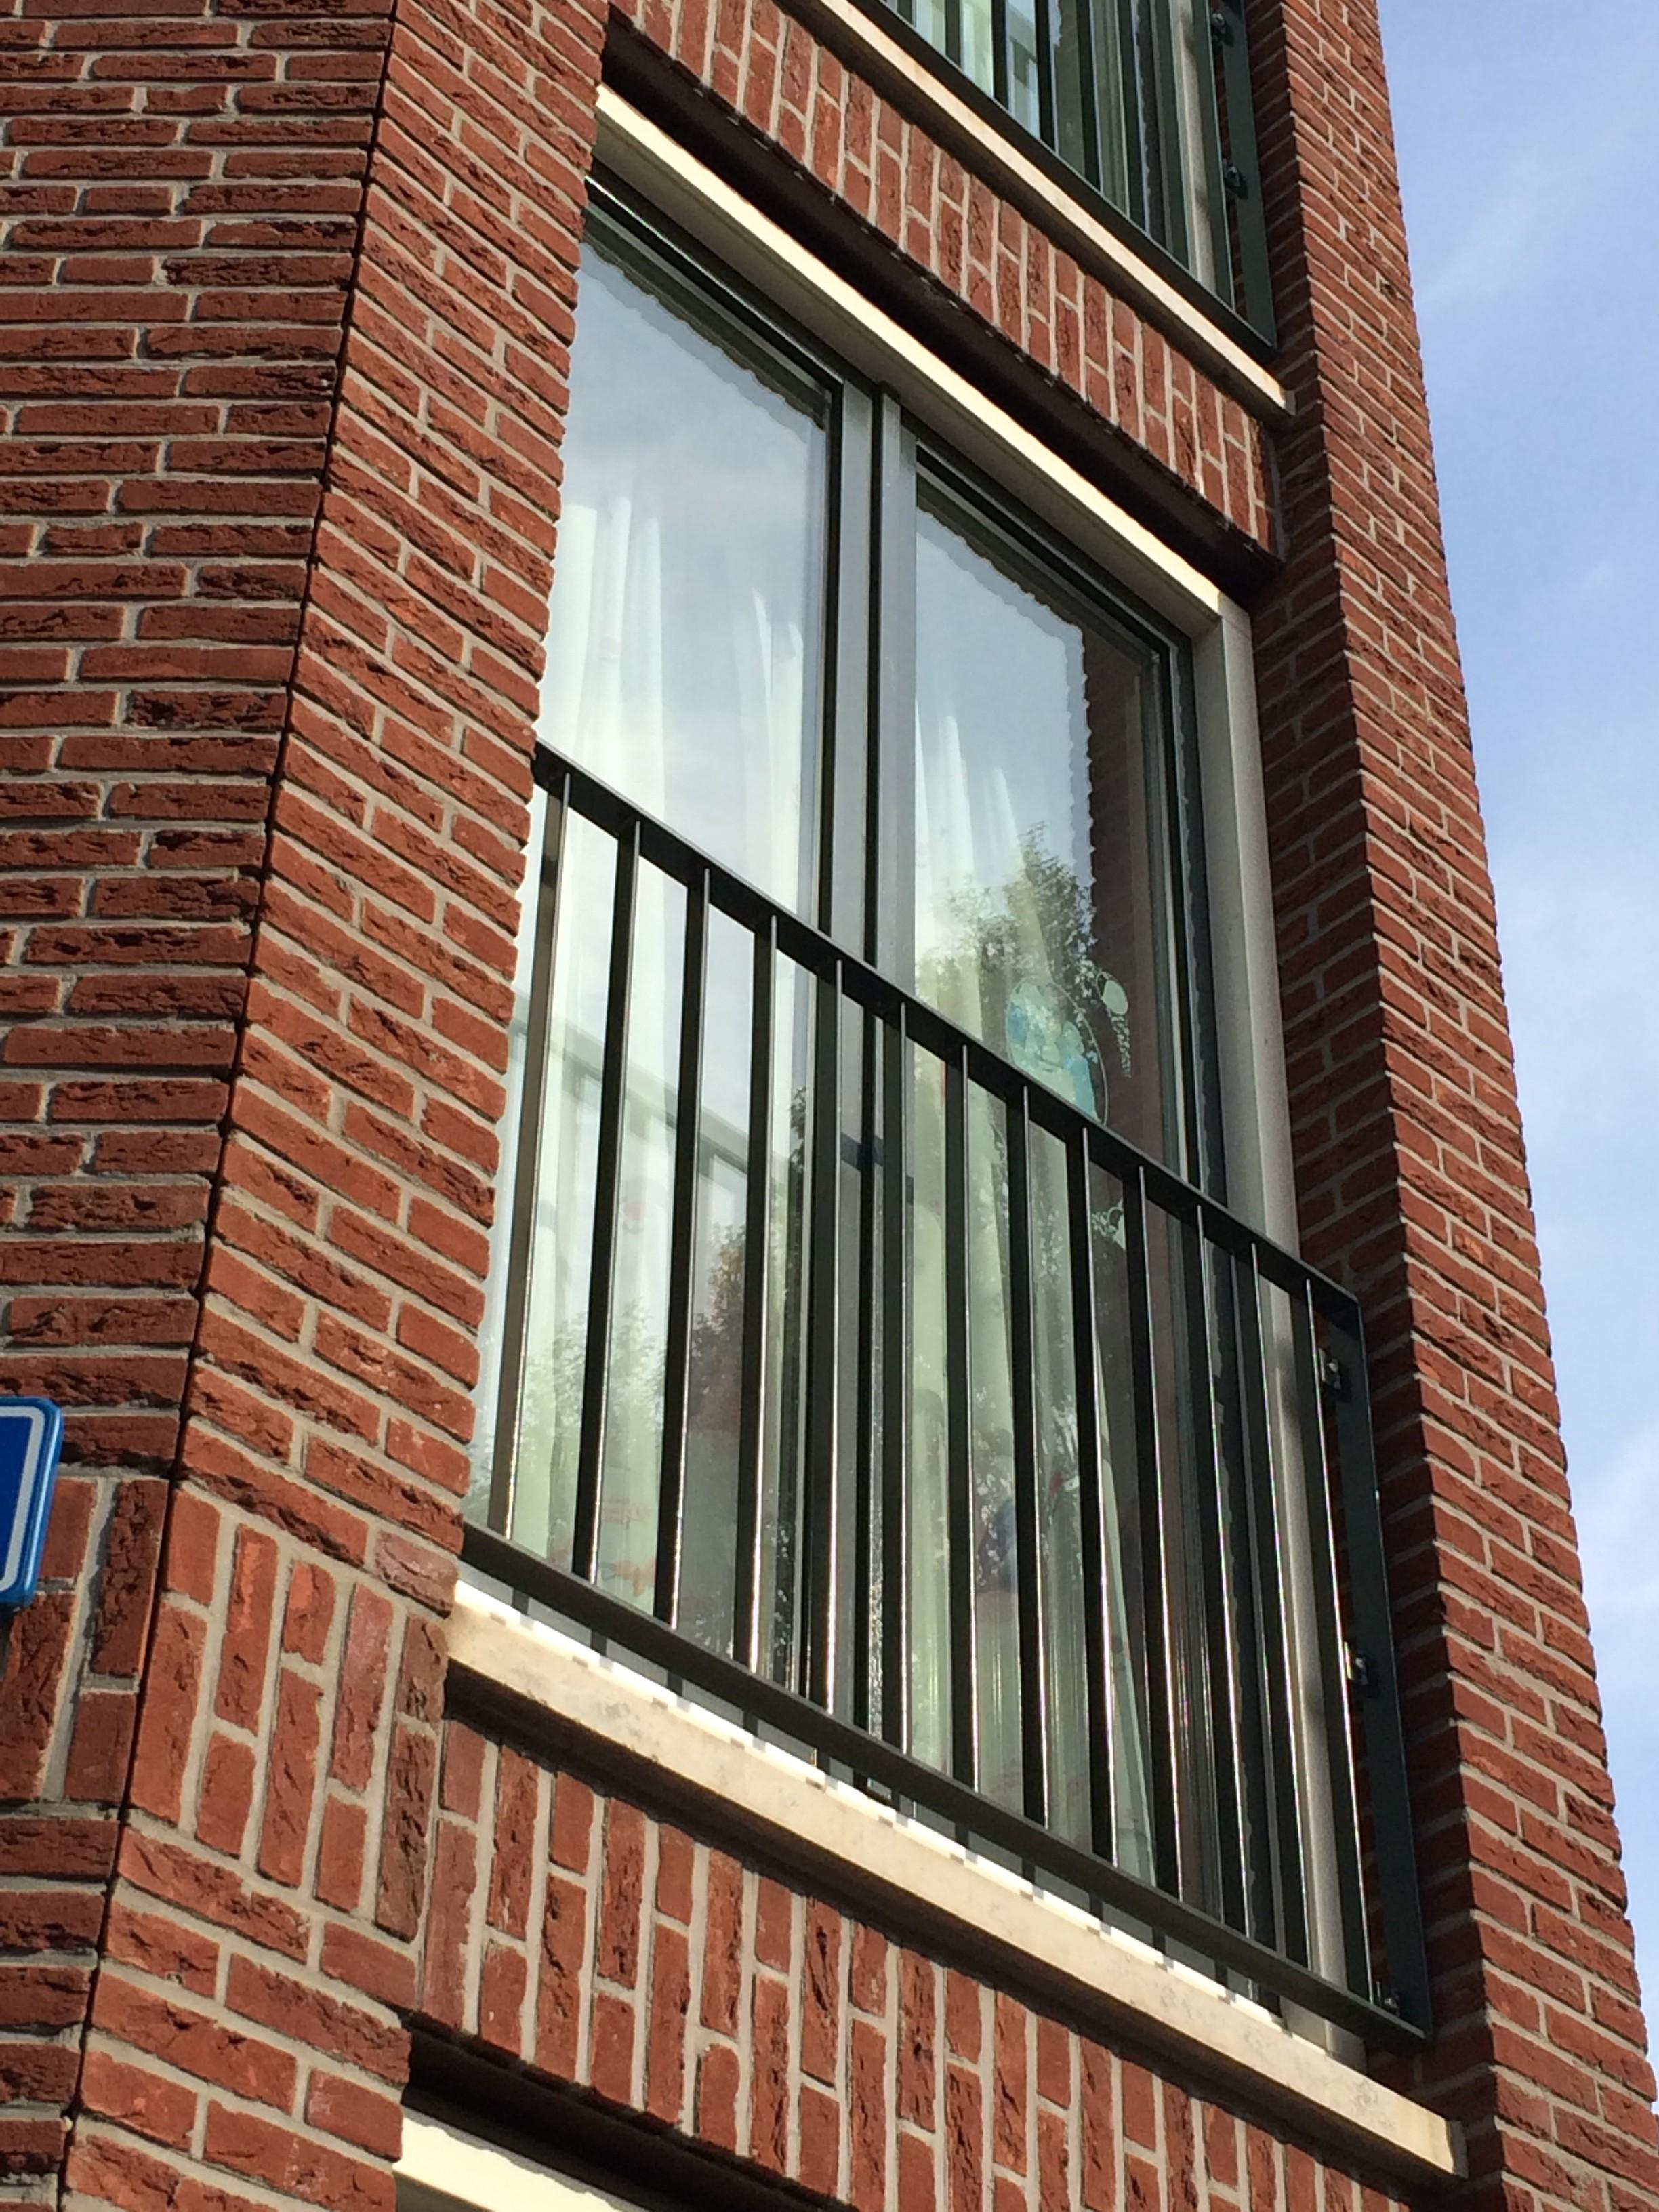 BKT_Havensteder_BAM_wattierstraat_Rotterdam_nieuwbouw_herenhuizen_Delfshaven_Lean_herstructurering_04.jpg